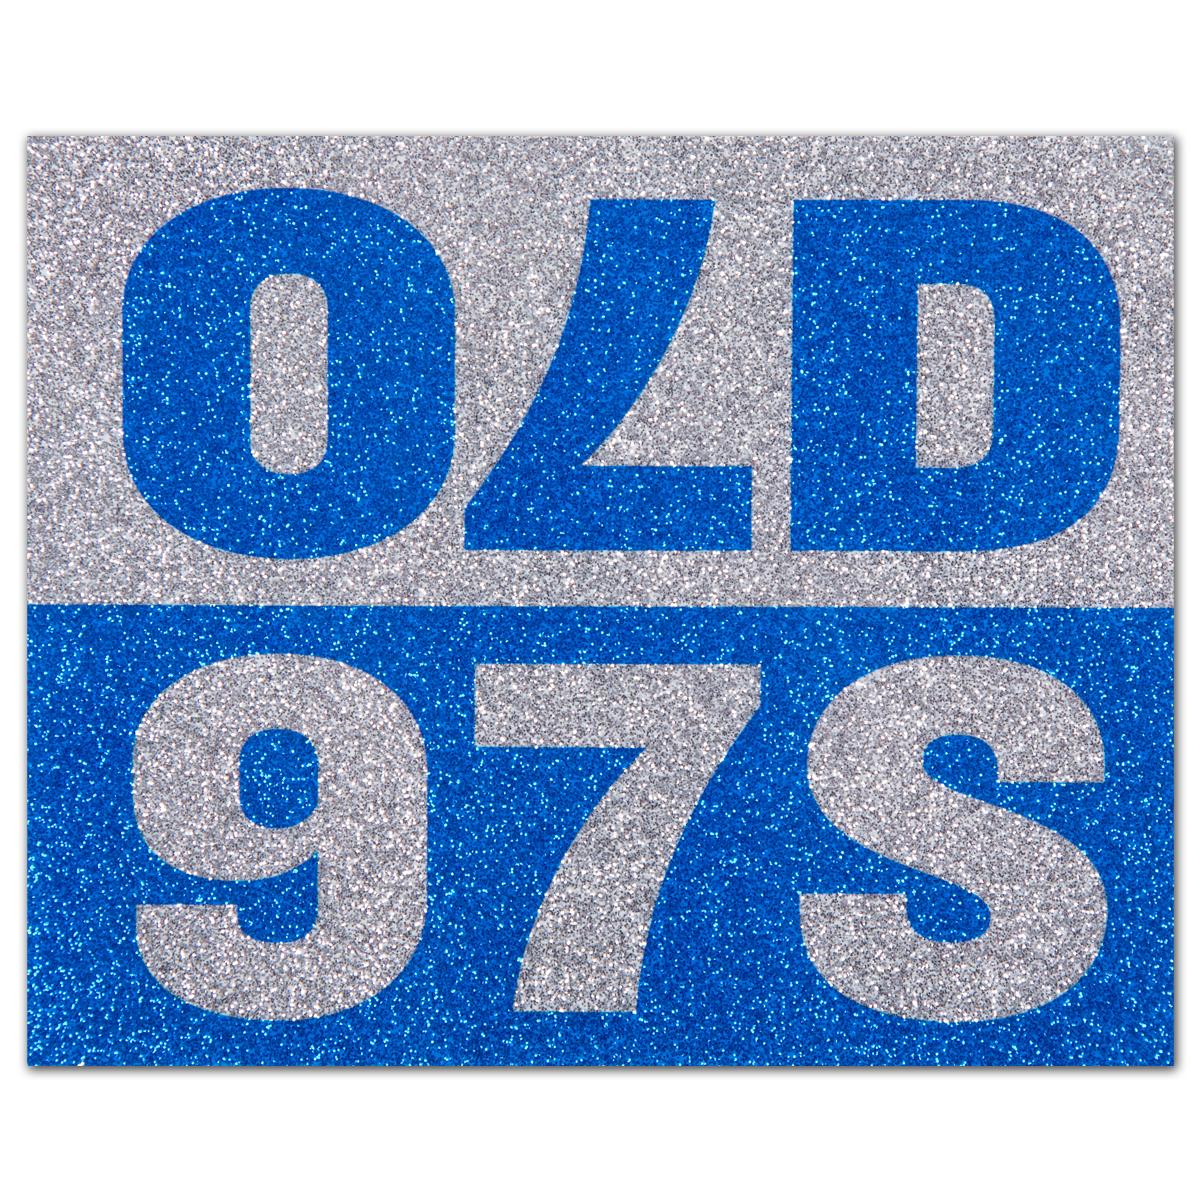 Old 97s - Sparkle Sticker